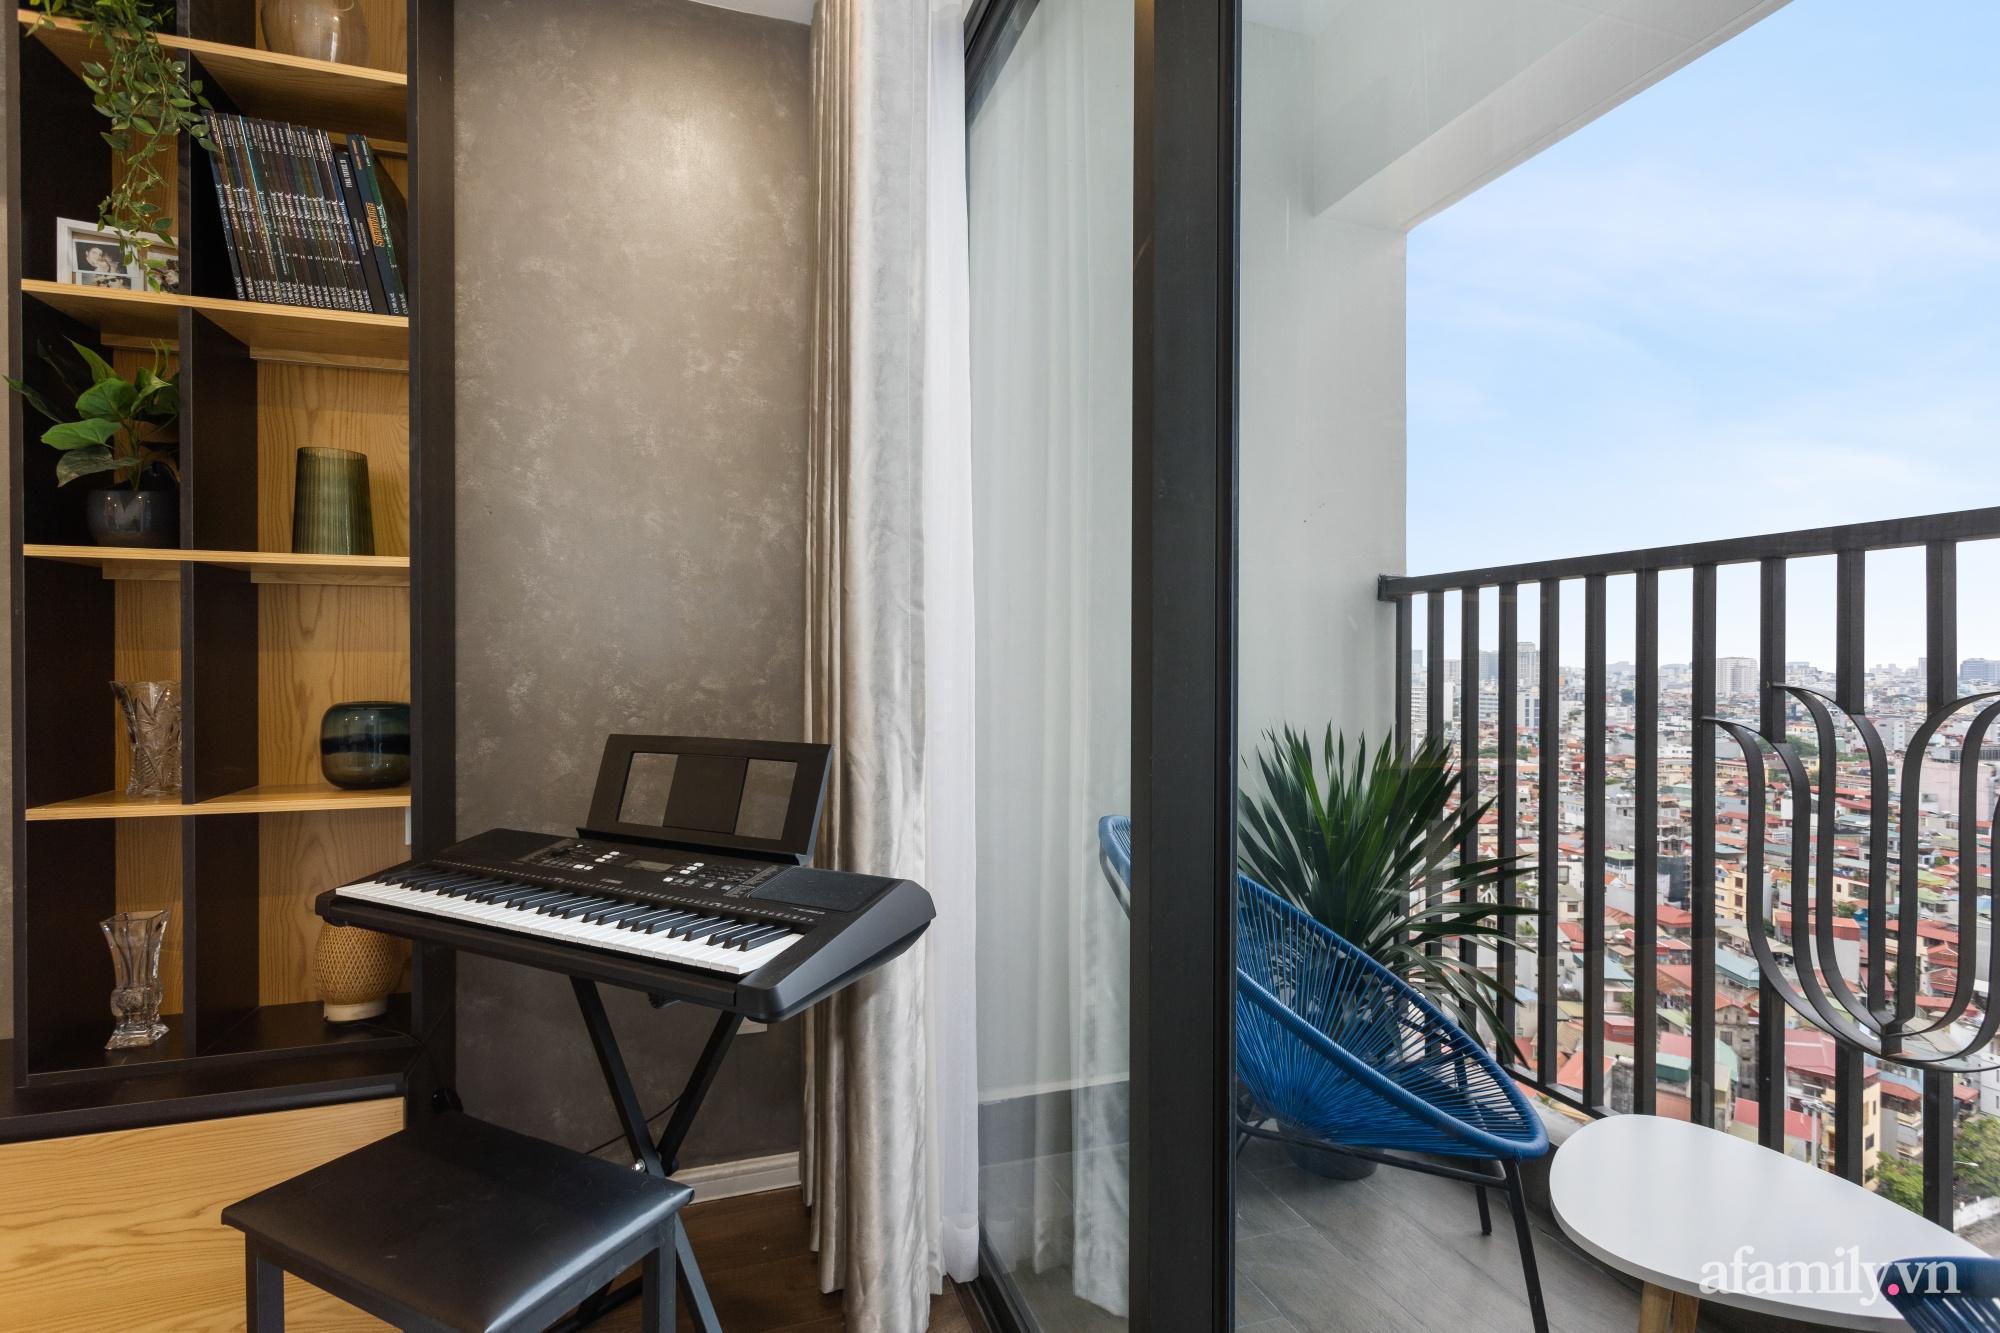 Chi 200 triệu đồng, blogger du lịch Sài Gòn thiết kế căn hộ tối giản rộng 83m² đẹp không góc chết nhờ đặt ra 5 nguyên tắc vàng - Ảnh 7.